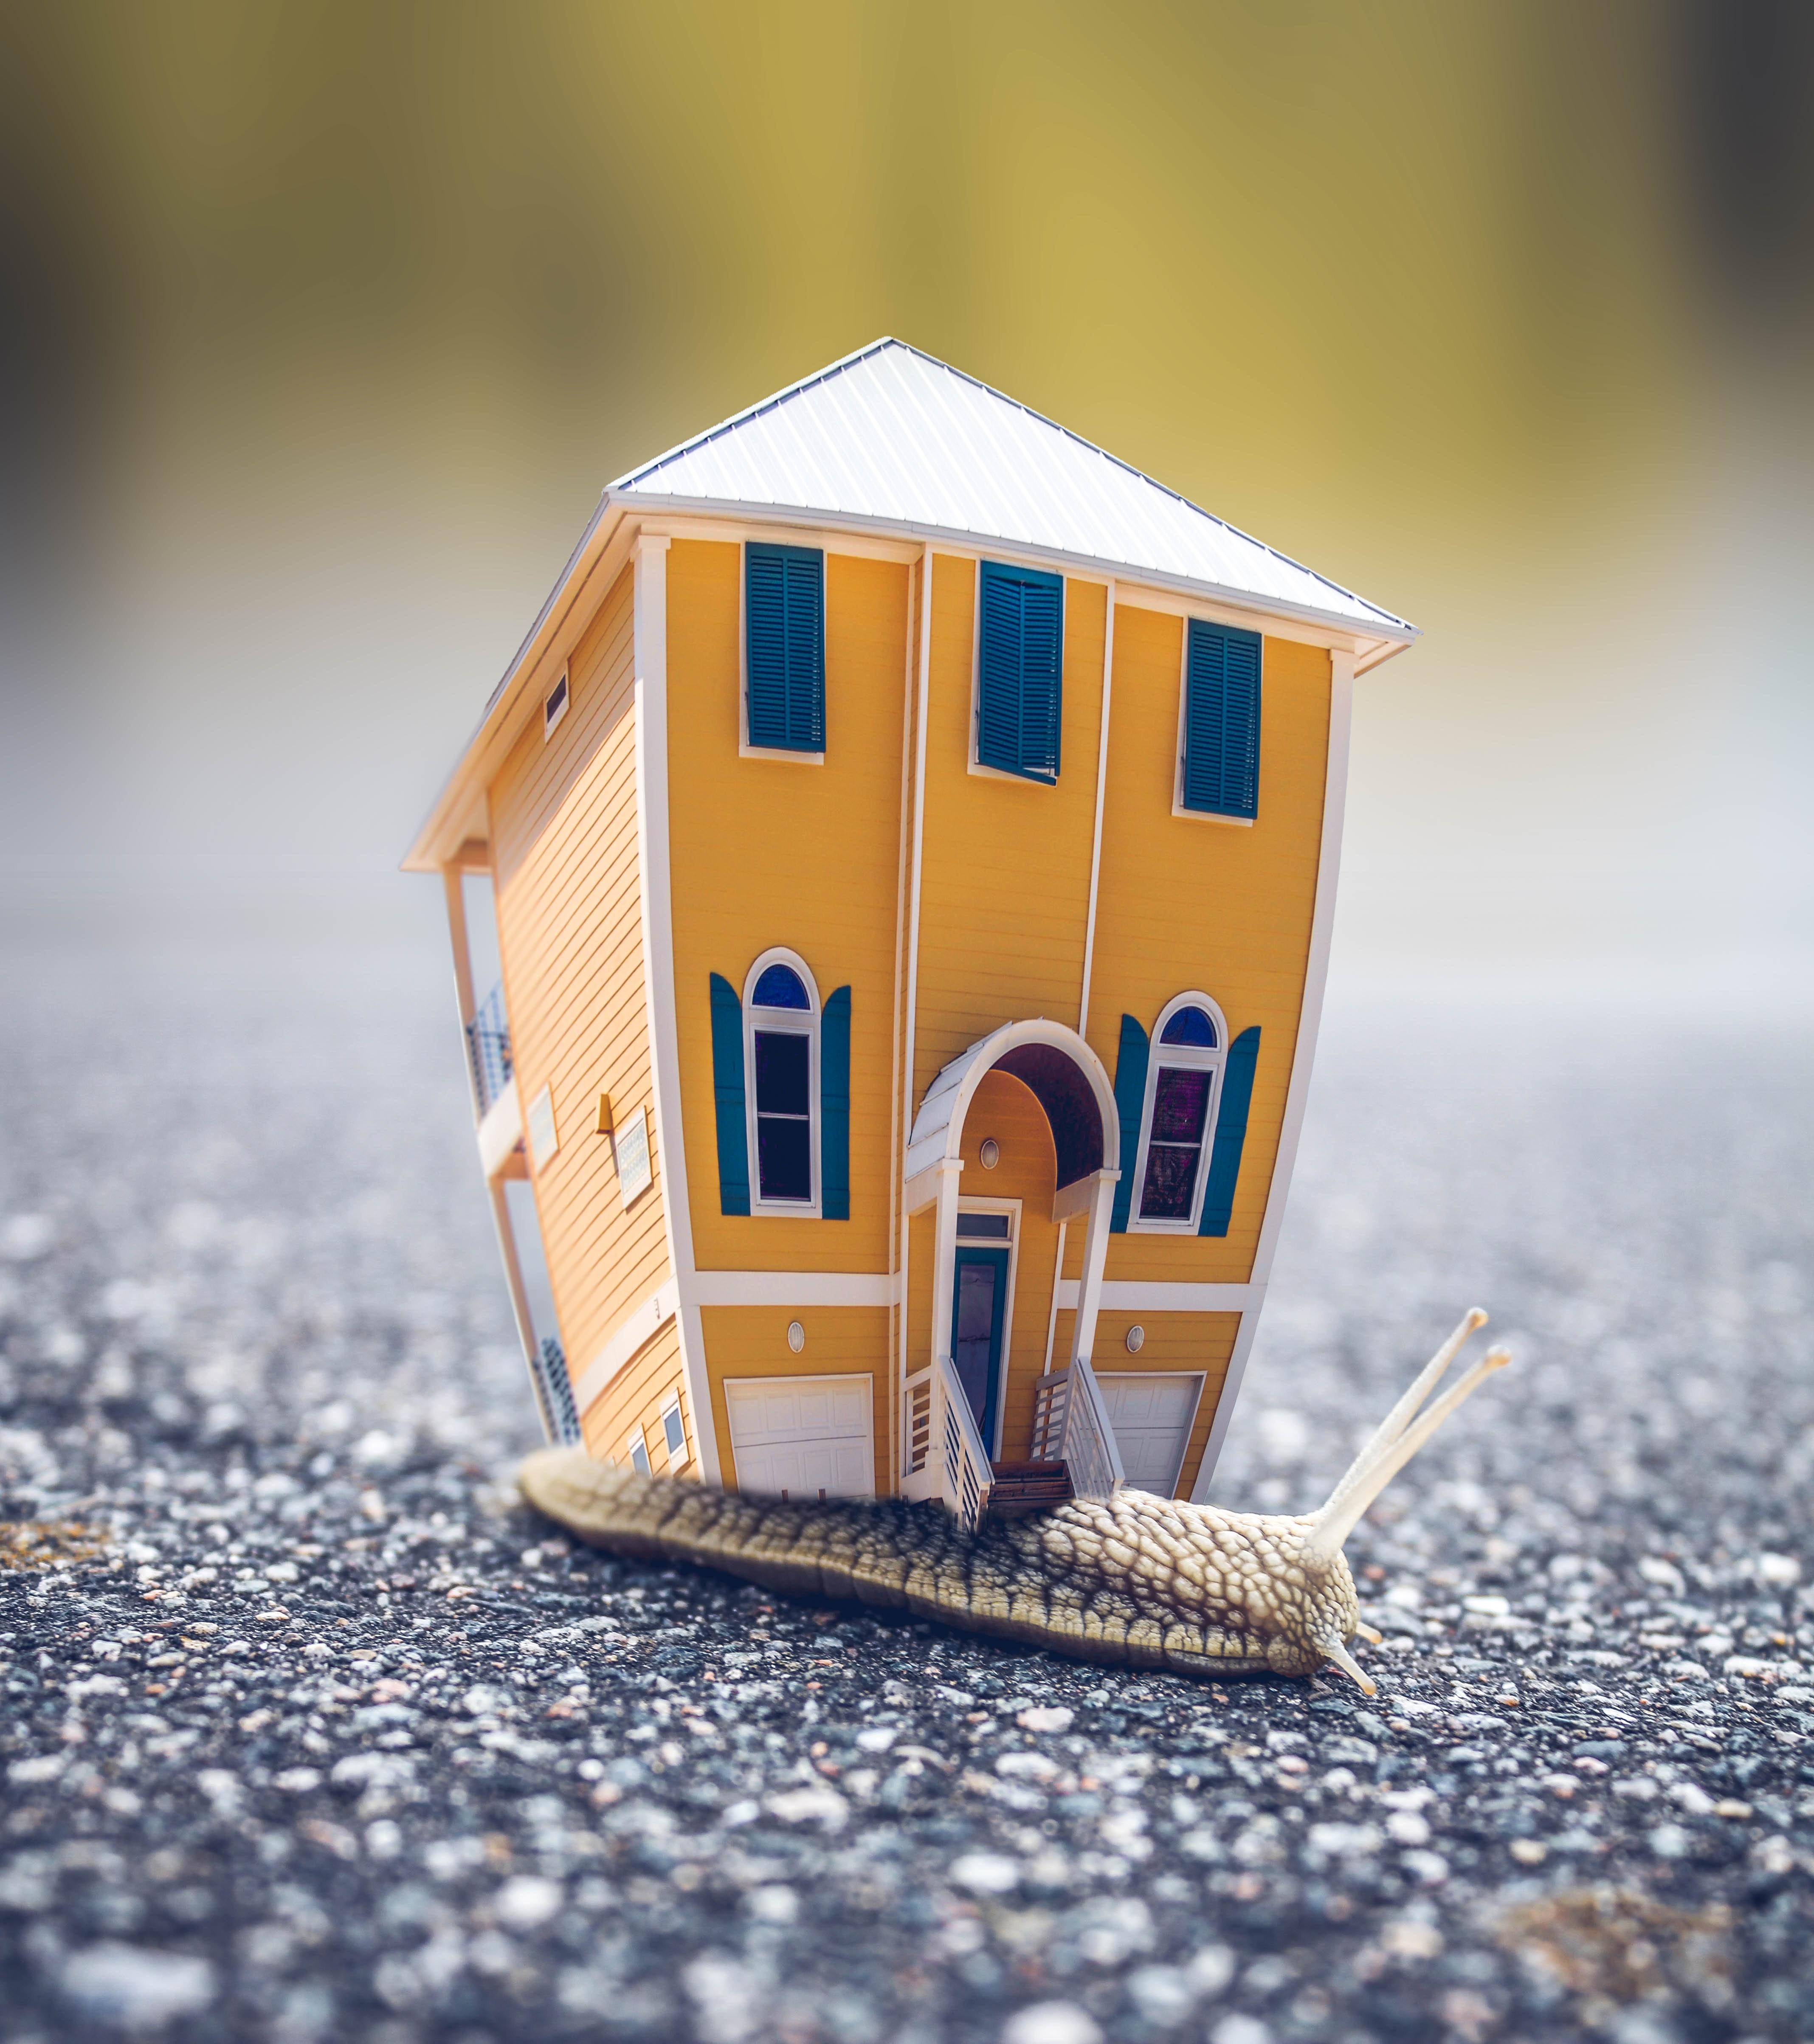 Comment acheter un bien immobilier ?